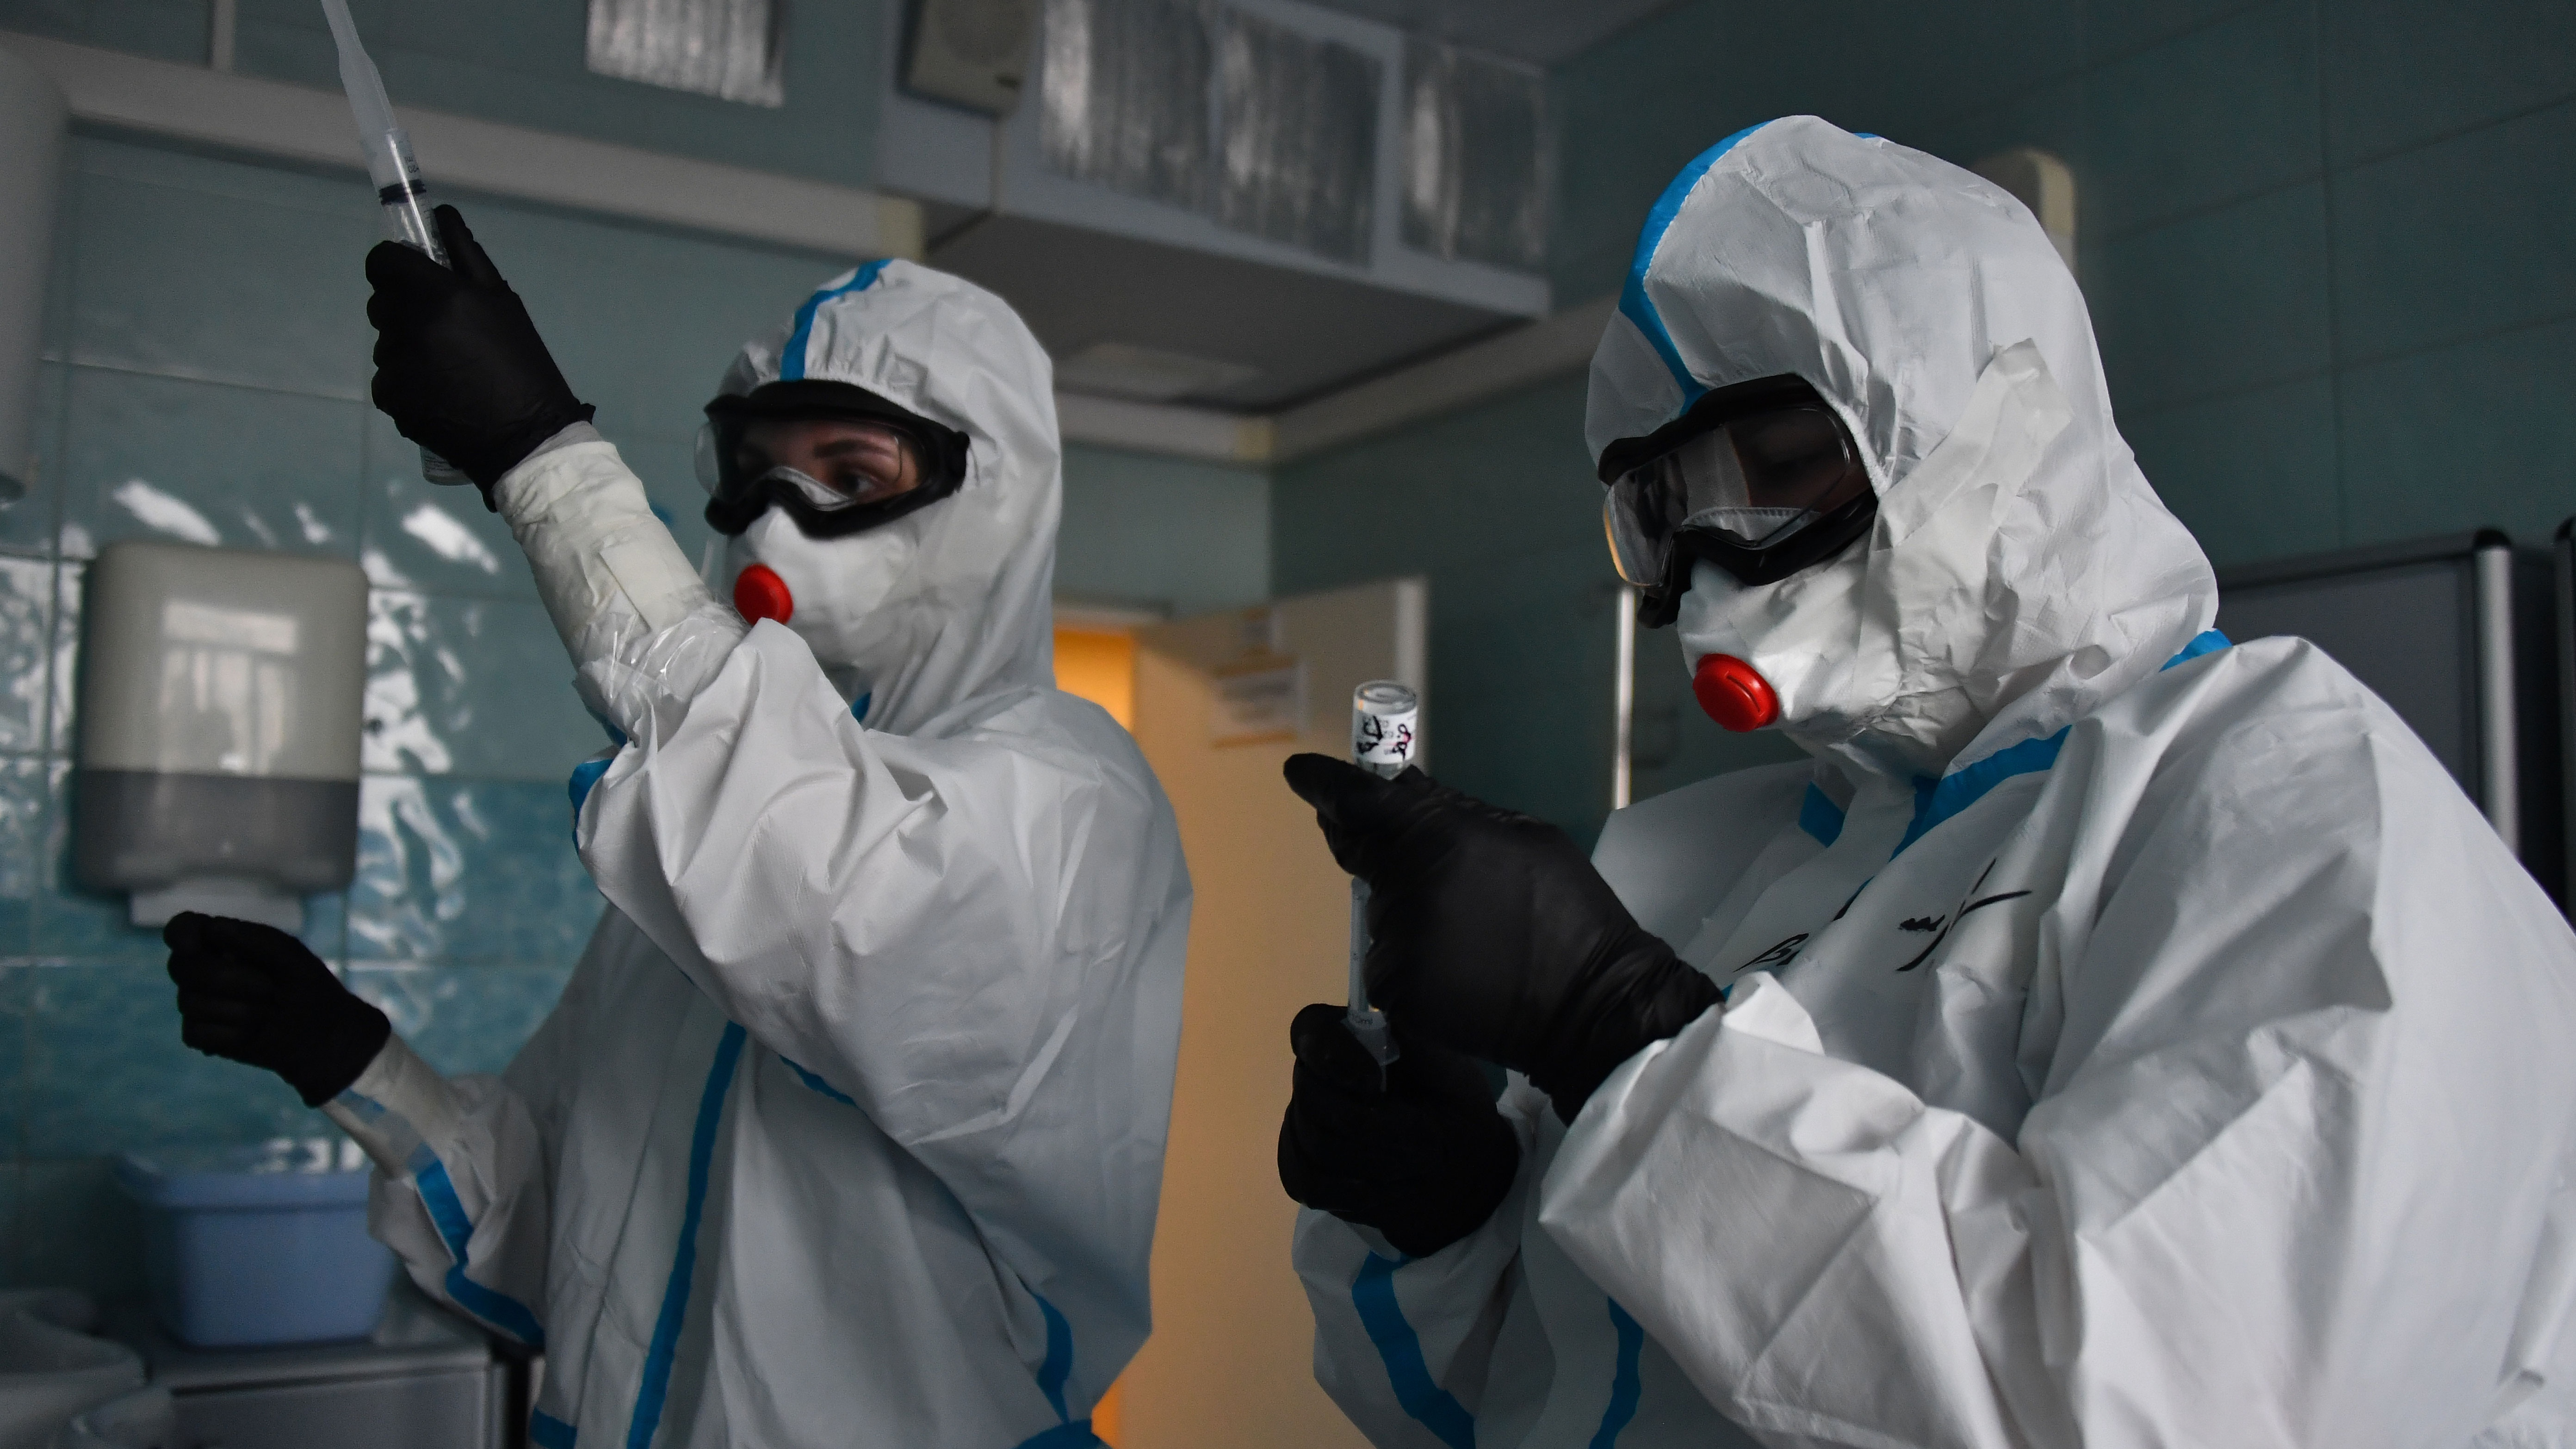 Собянин заявил, что московские больницы заработают в обычном режиме через 2-3 недели